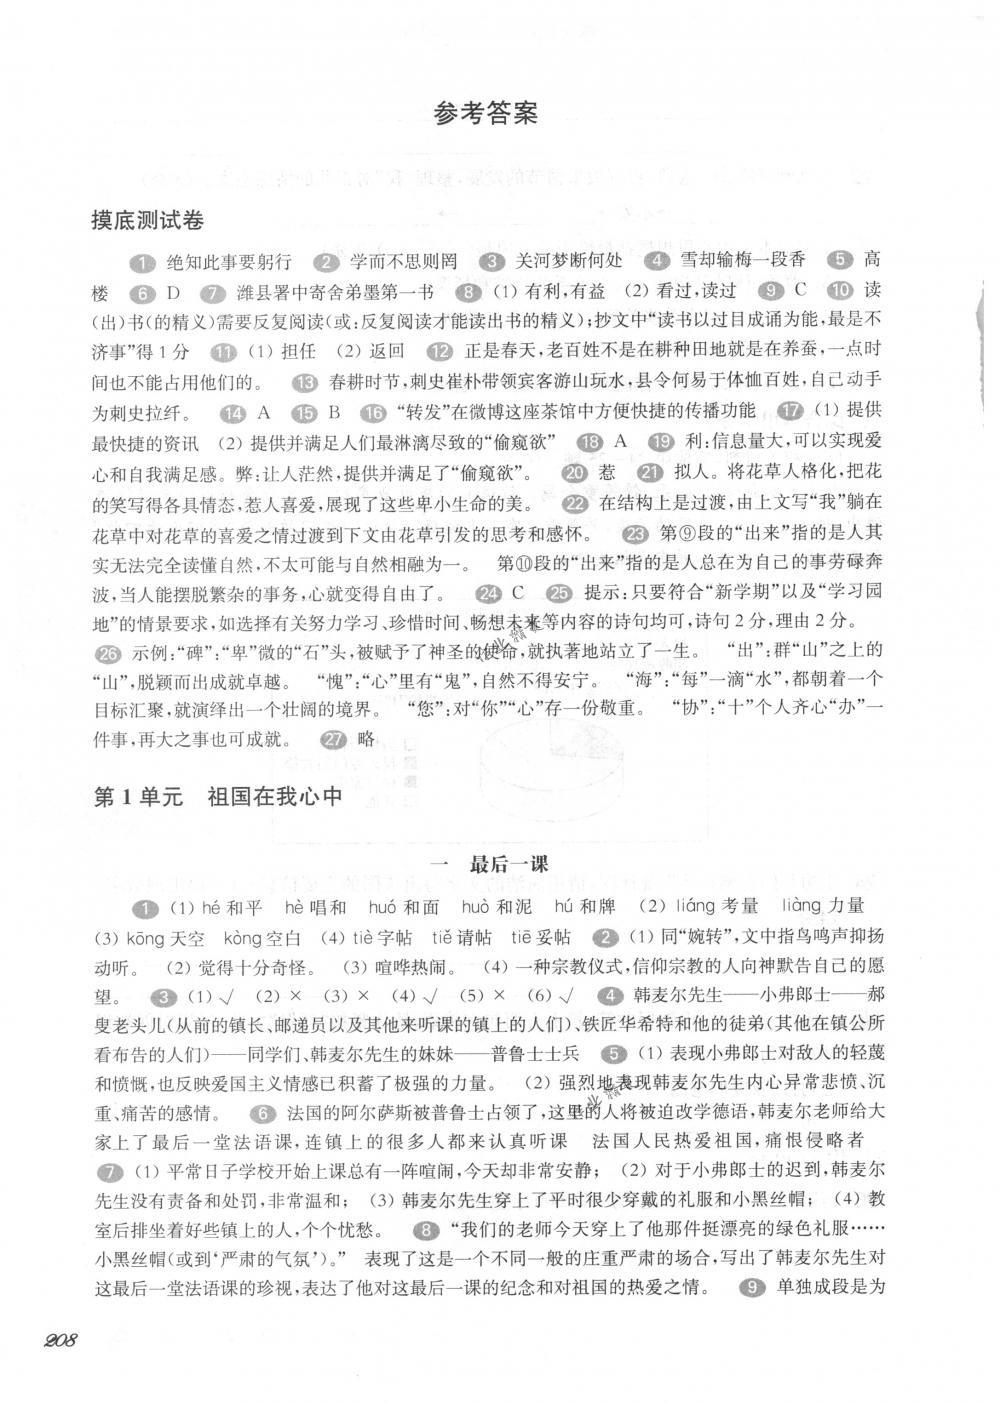 2018年华东师大版一课一练八年级语文第二学期沪教版第1页